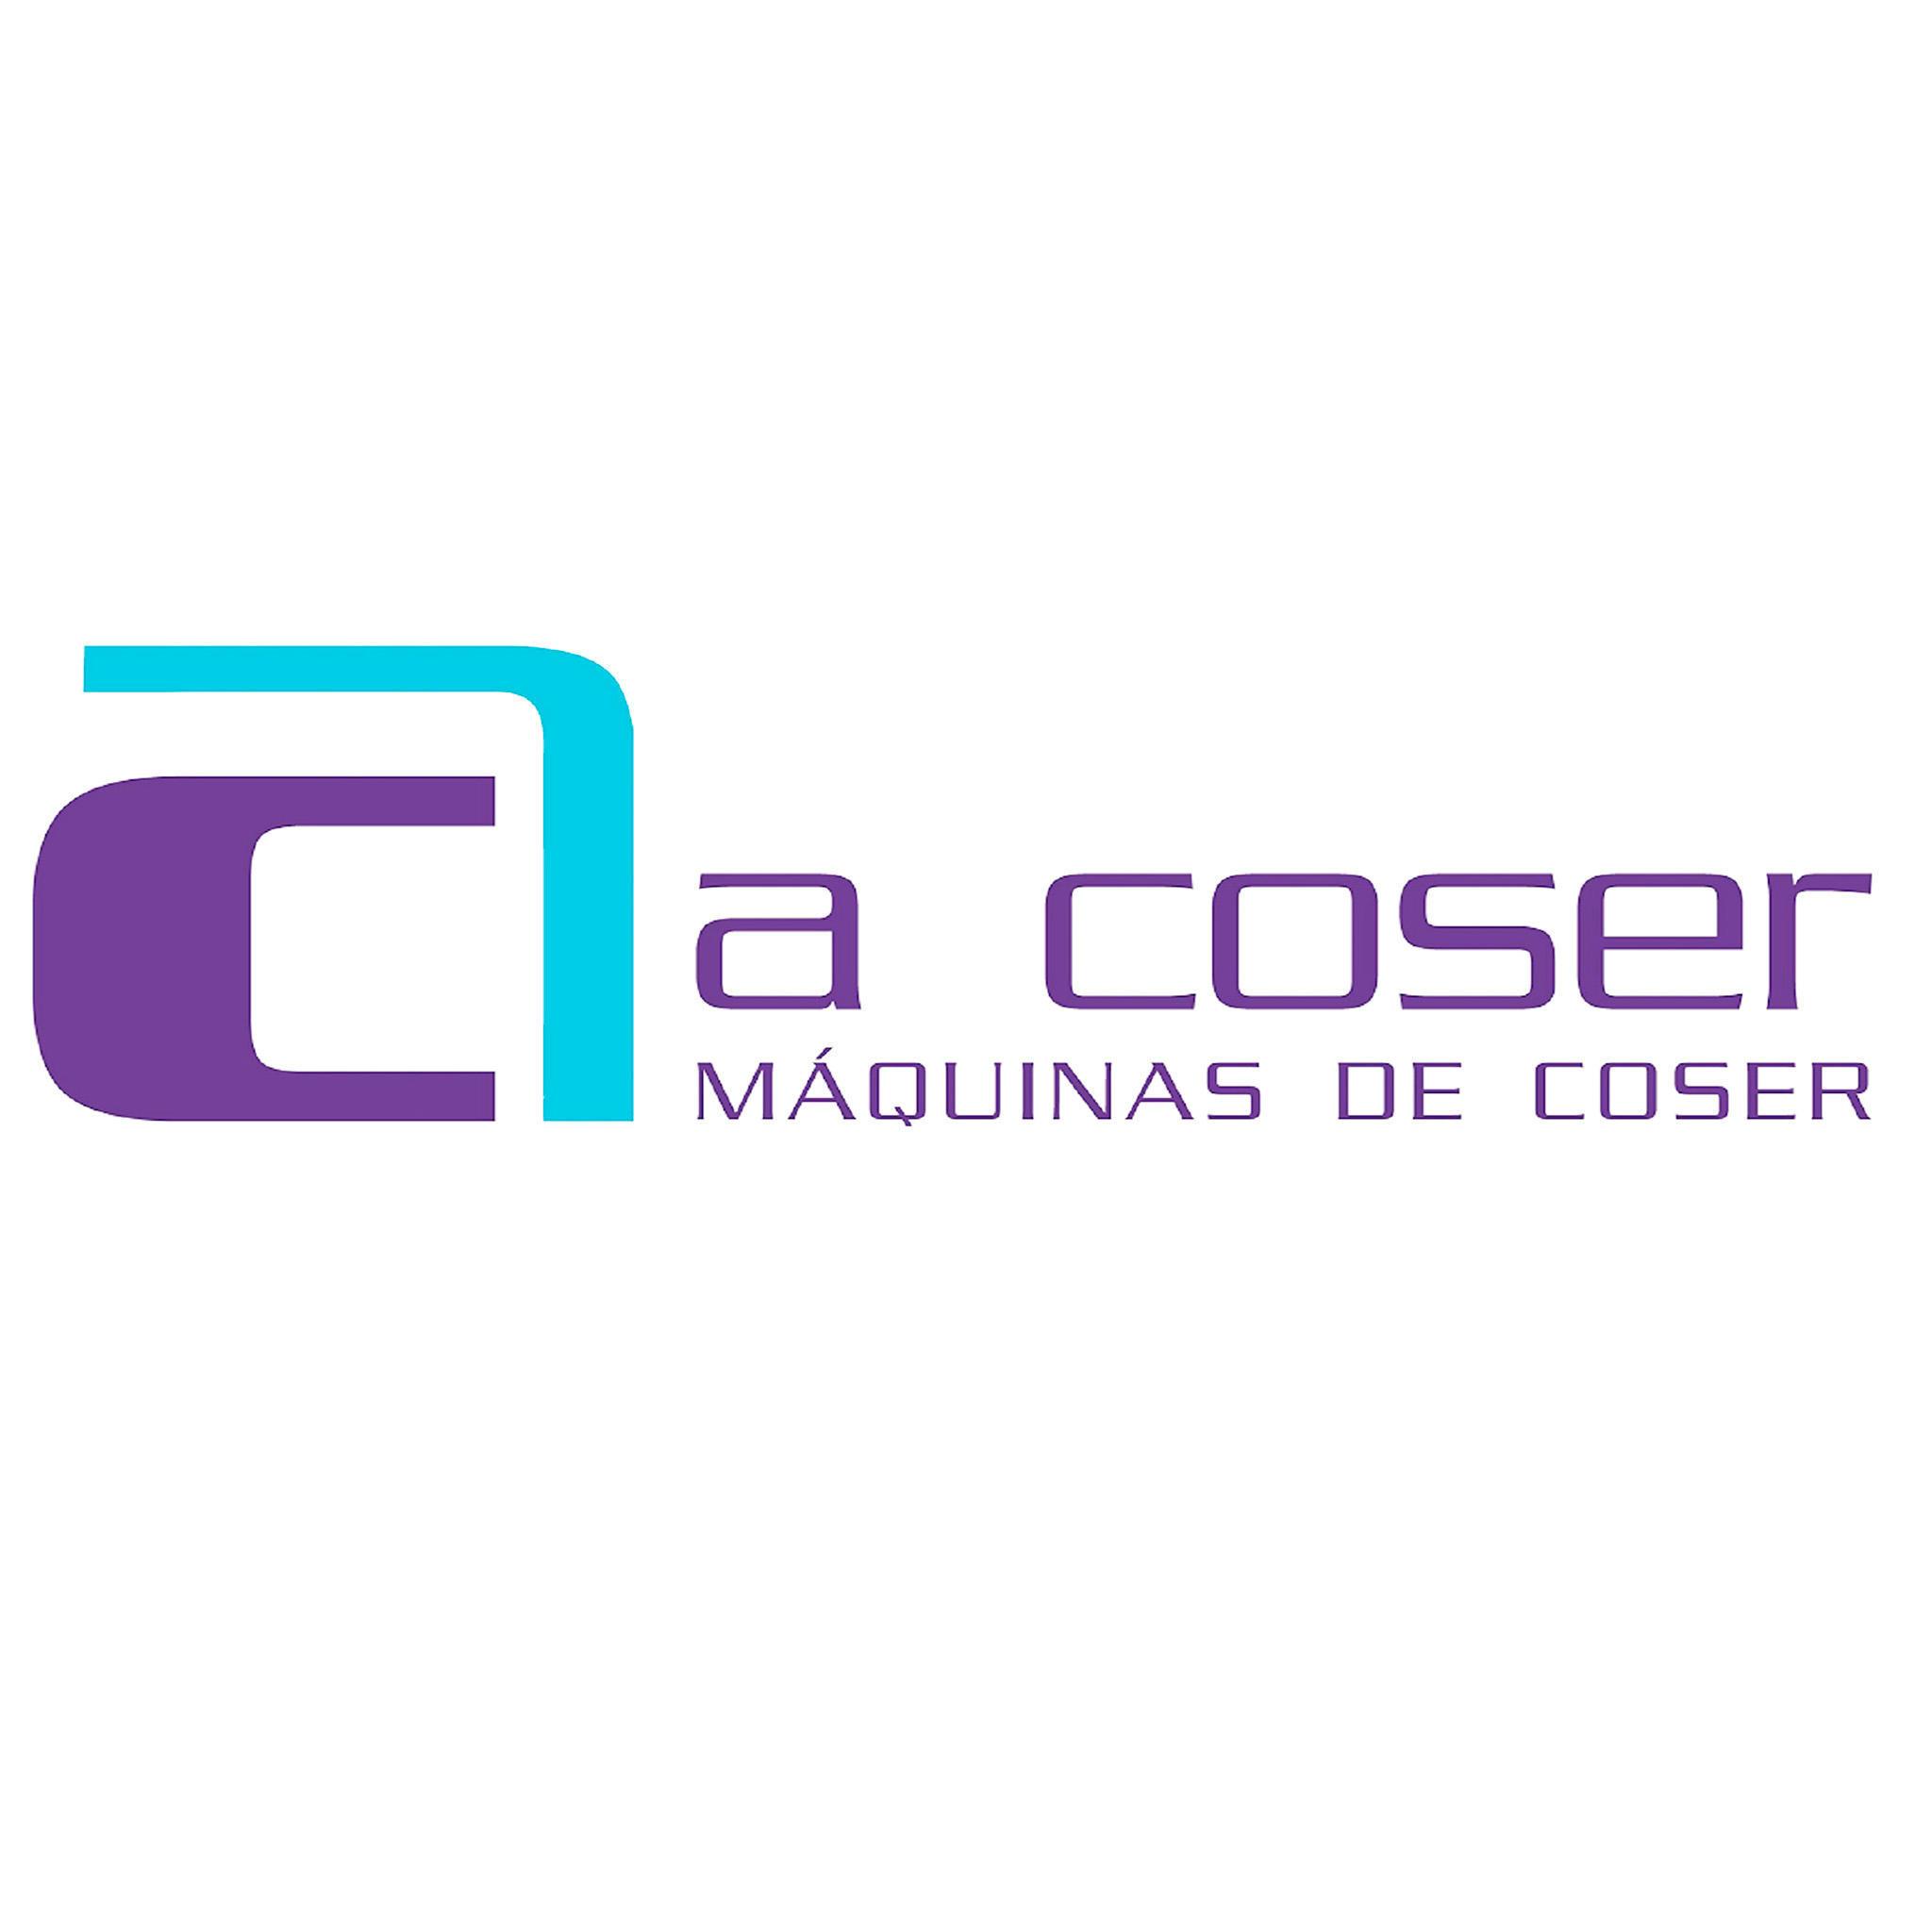 Acoser